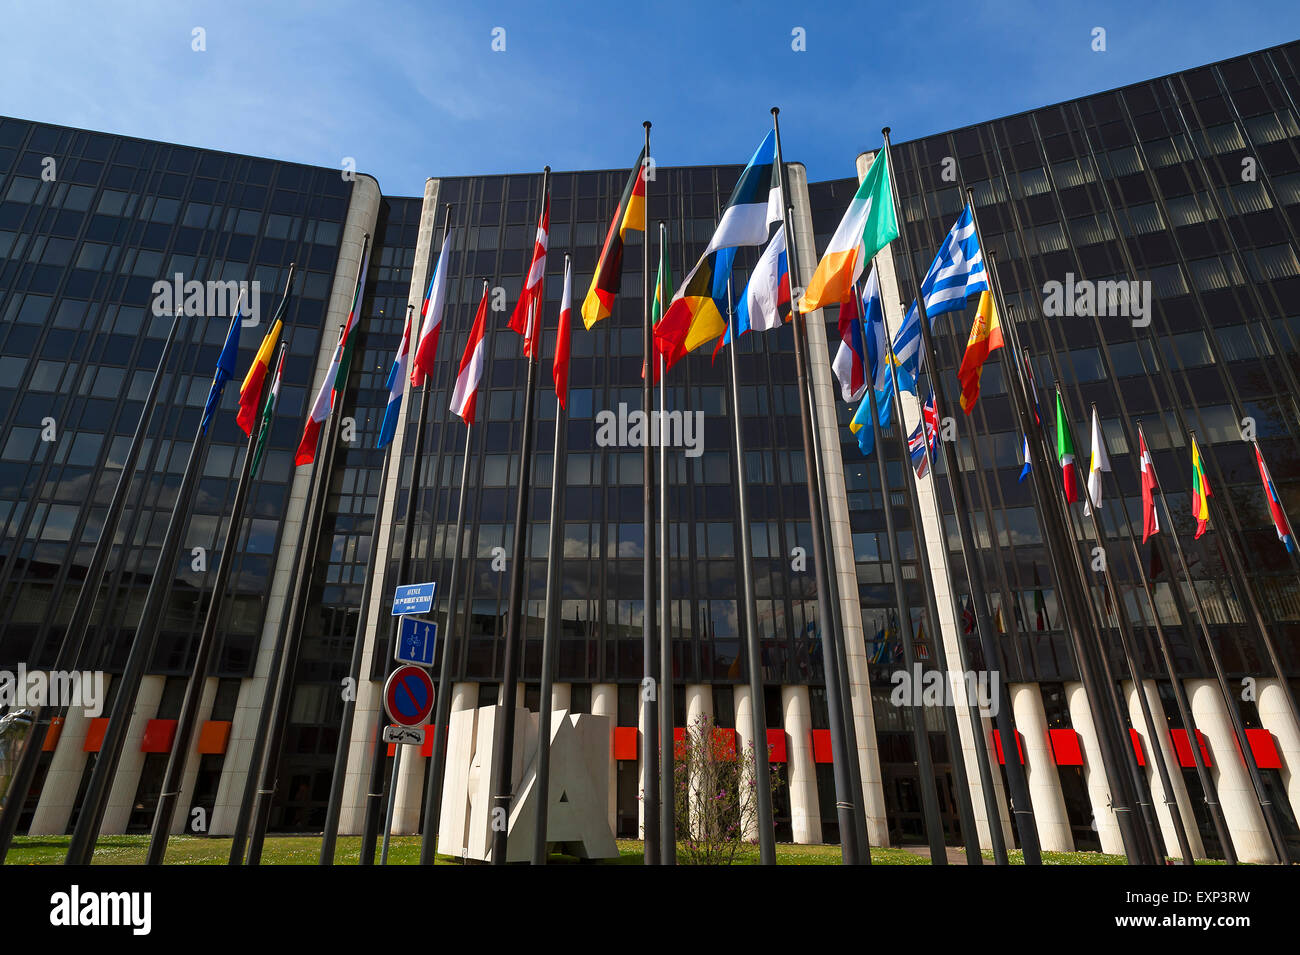 Banderas internacionales frente a un edificio en el Eurodistrict, Estrasburgo, Alsacia, Francia Foto de stock